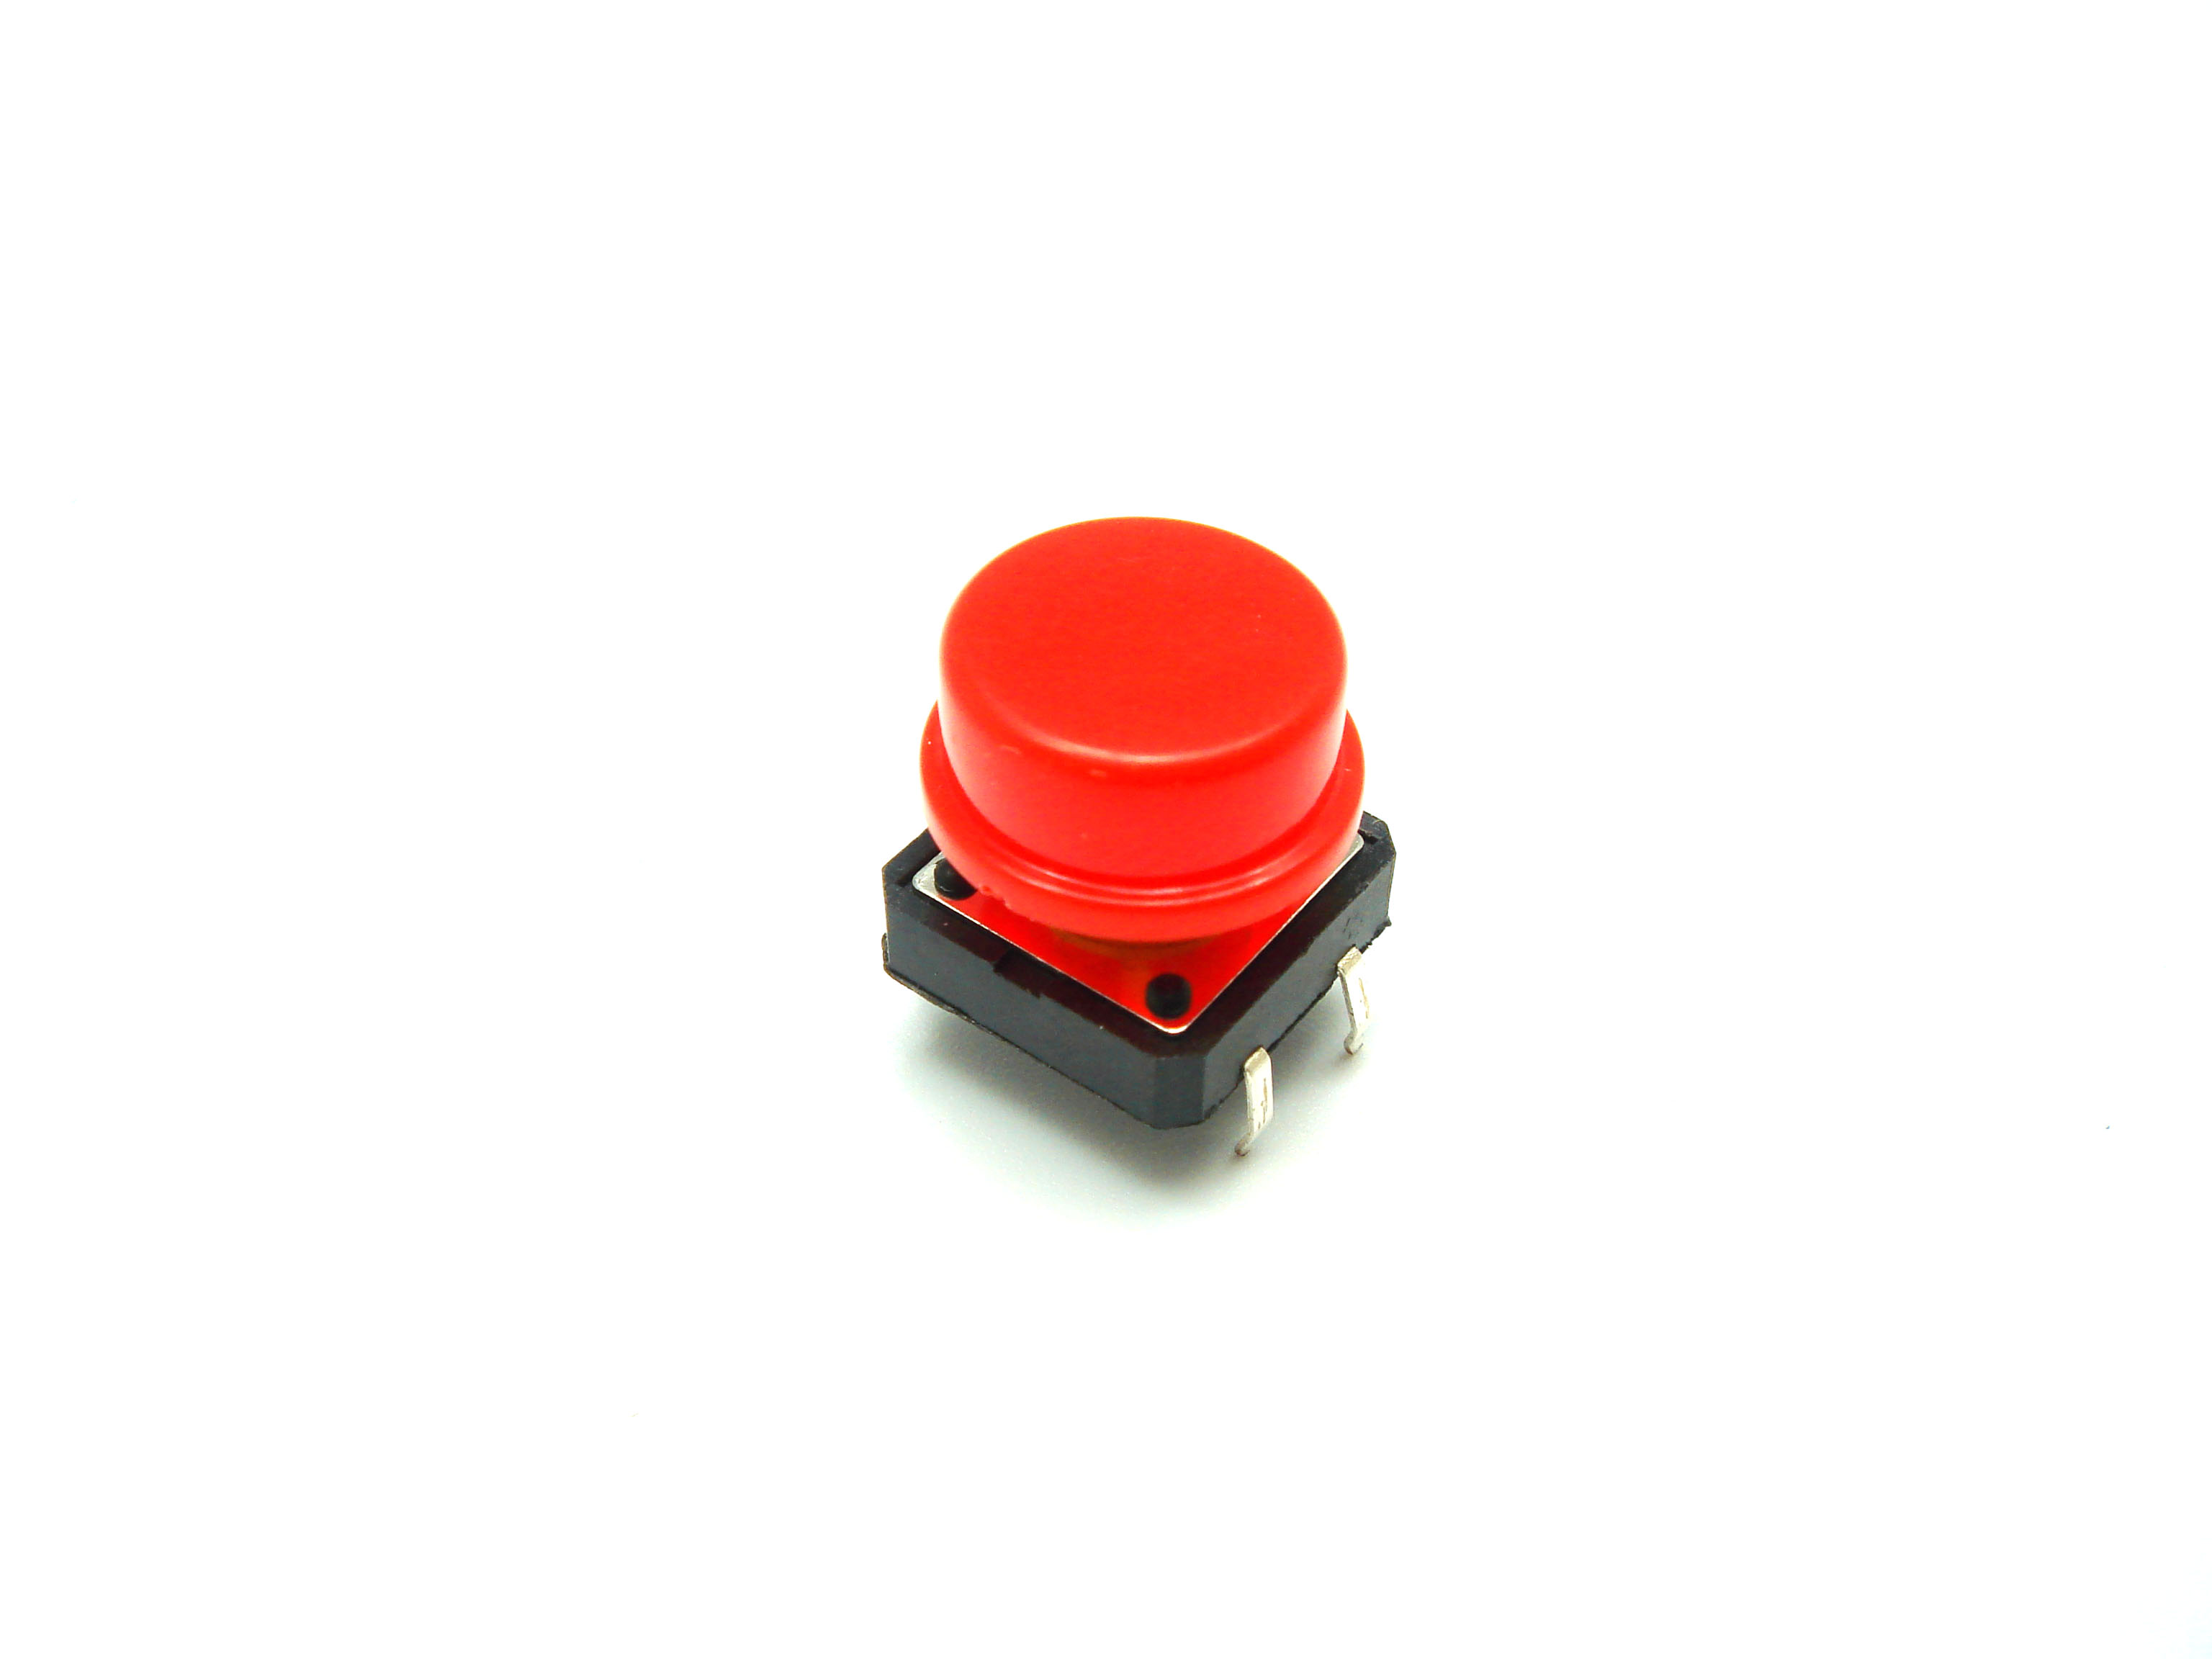 สวิตช์ ปุ่มกดติดปล่อยดับ B3F ขนาด 12 * 12 * 7.3 mm หัวสีแดง